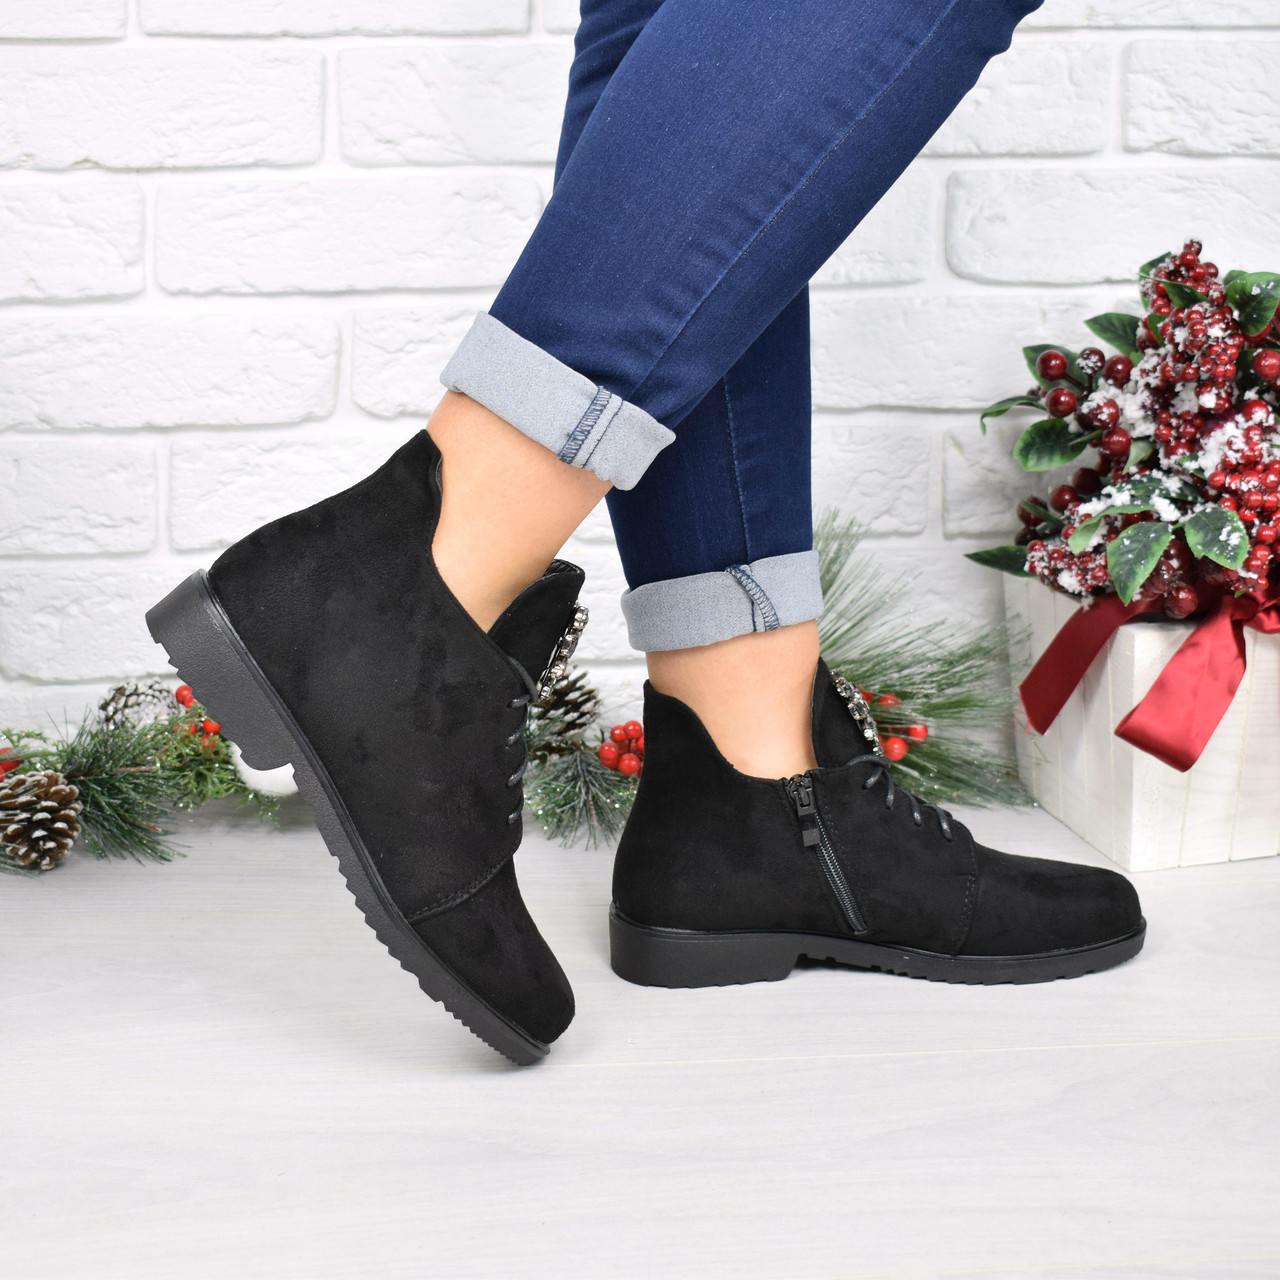 Ботинки женские Esfero черные замша 4015 , ботинки демисезонные - Магазин  модной одежды